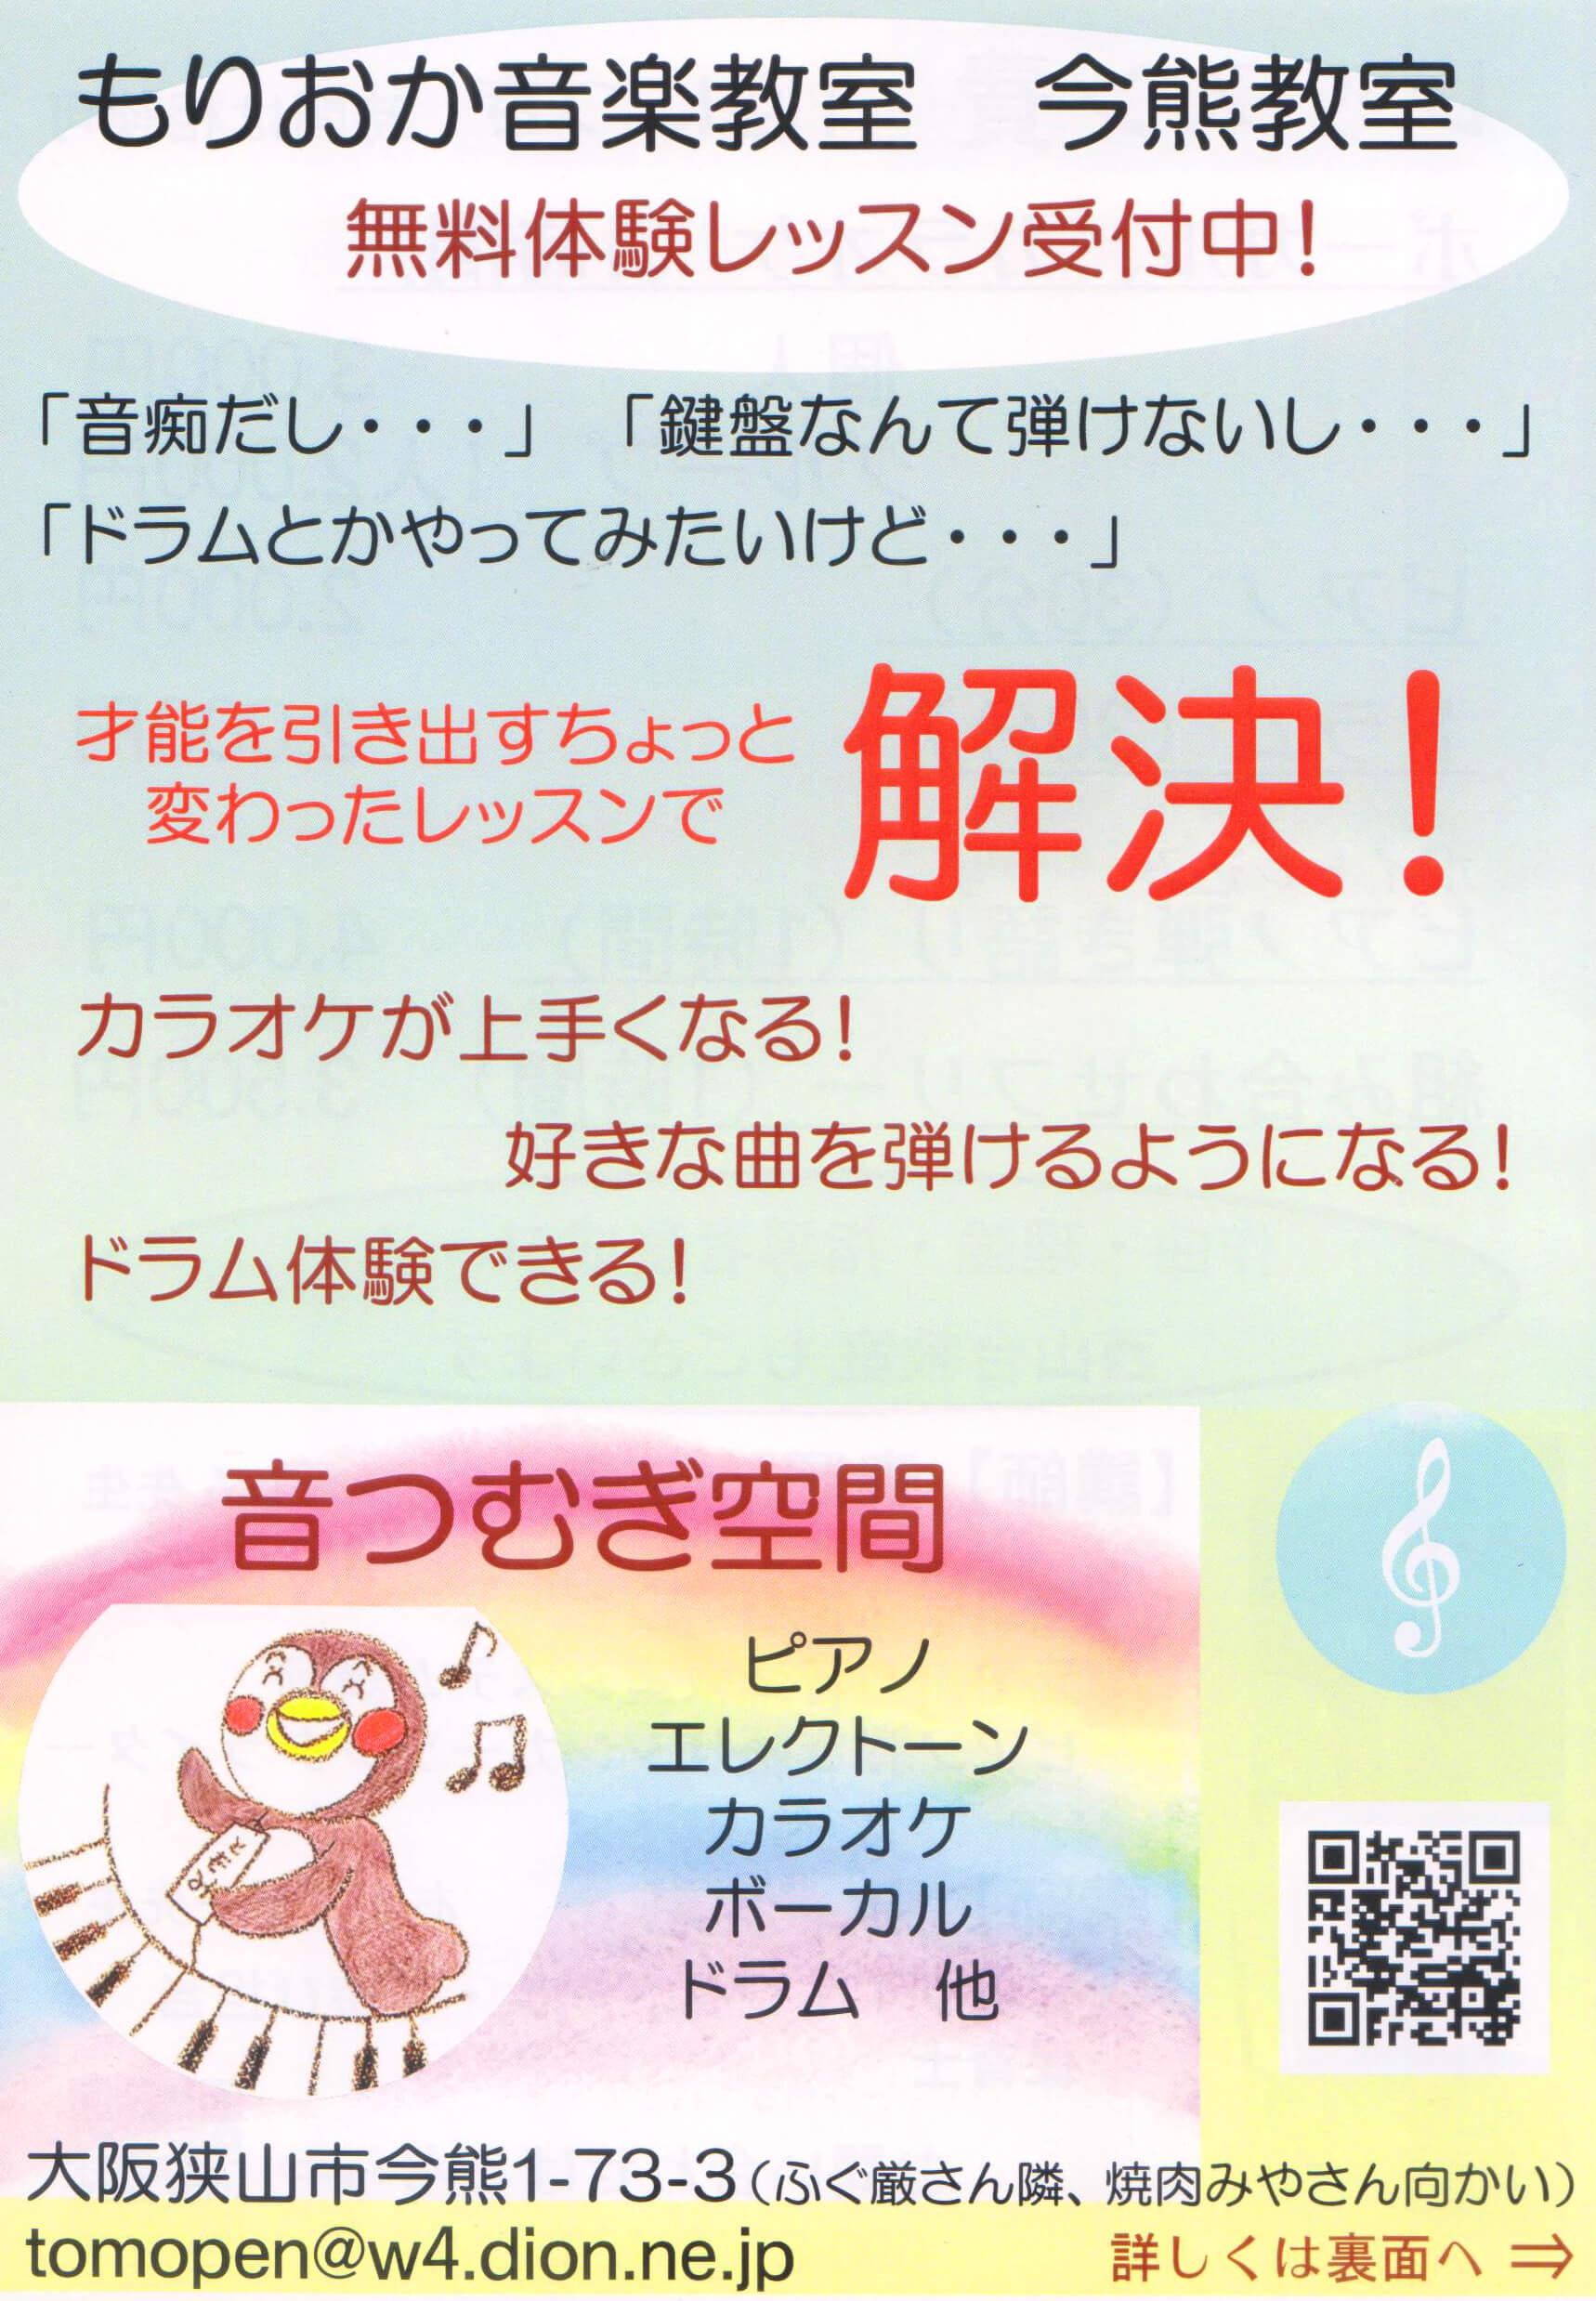 【音つむぎ空間】ピアノ&エレクトーン・ボーカル&カラオケ・ドラム「もりおか音楽教室」 (1)